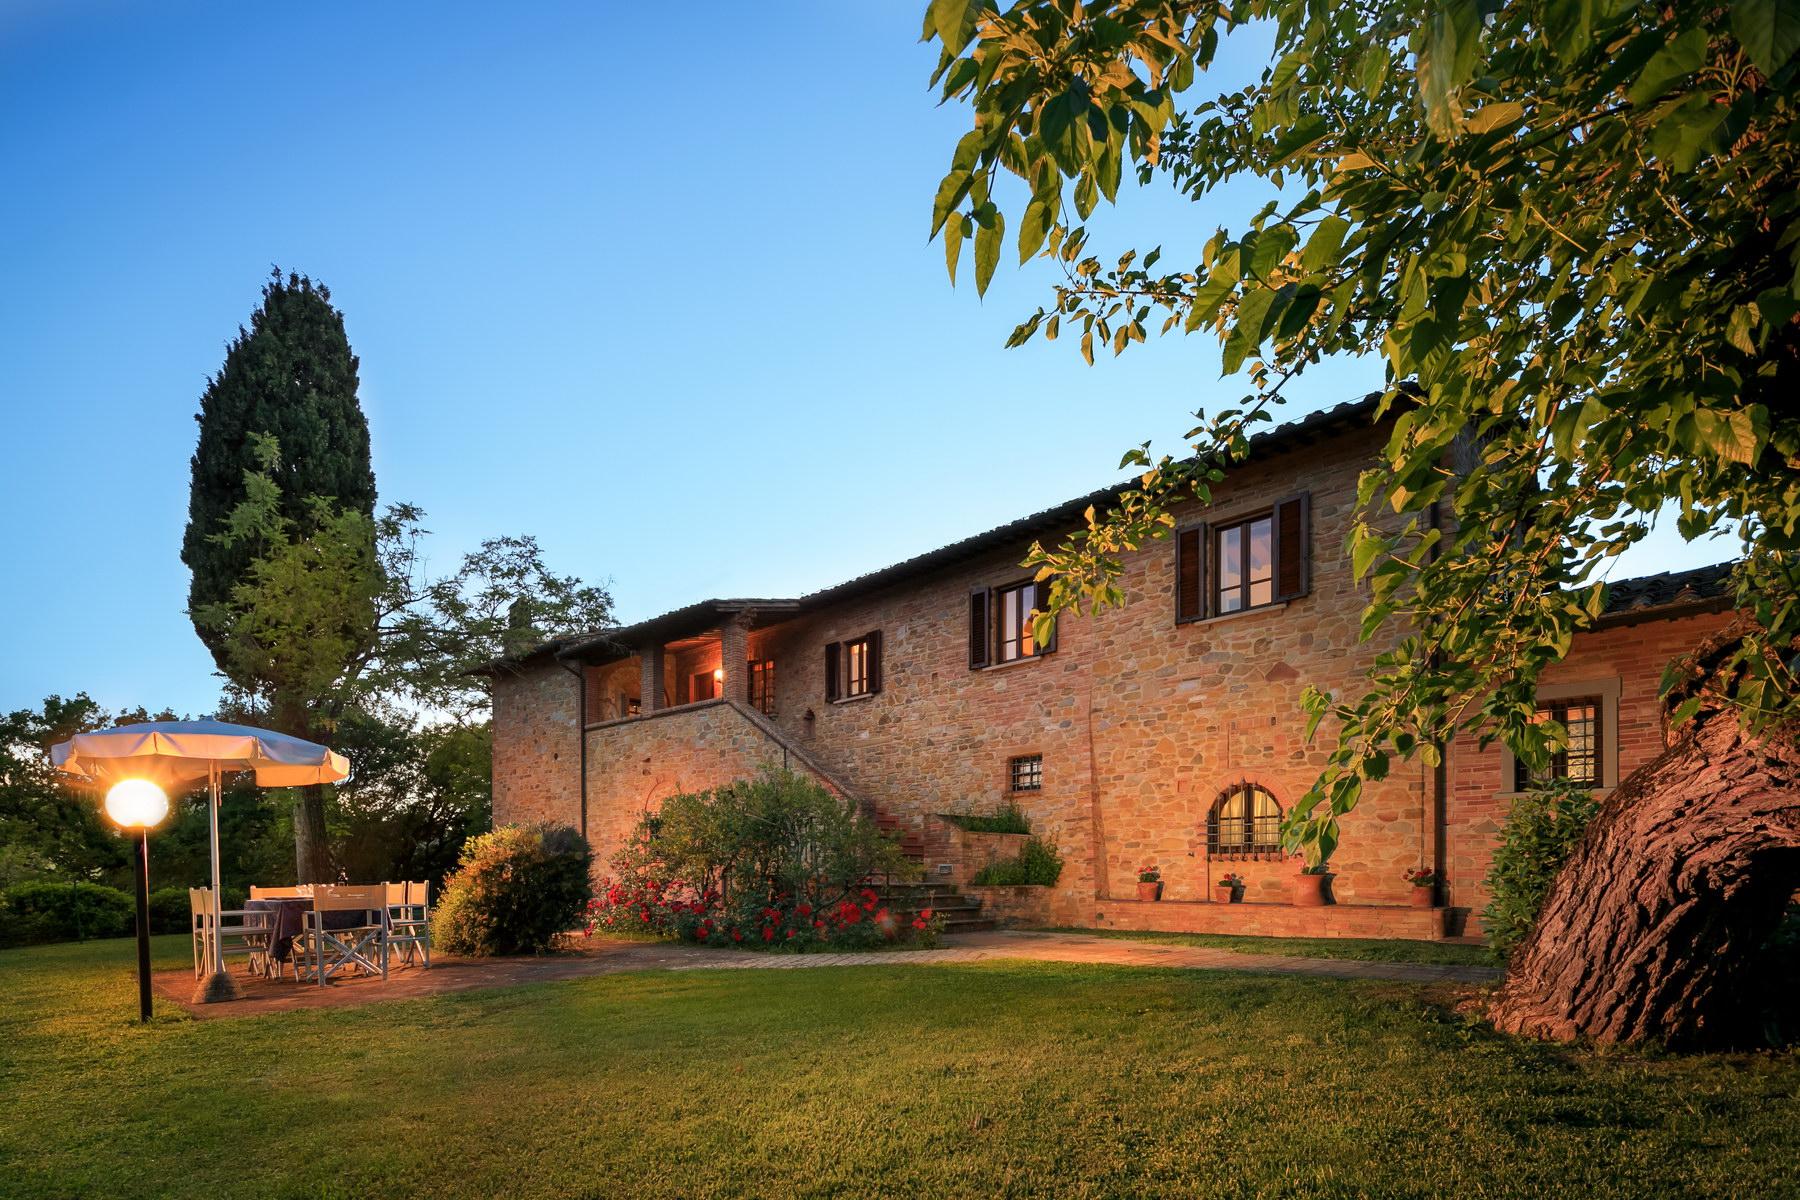 Rustico in Vendita a Montaione: 5 locali, 550 mq